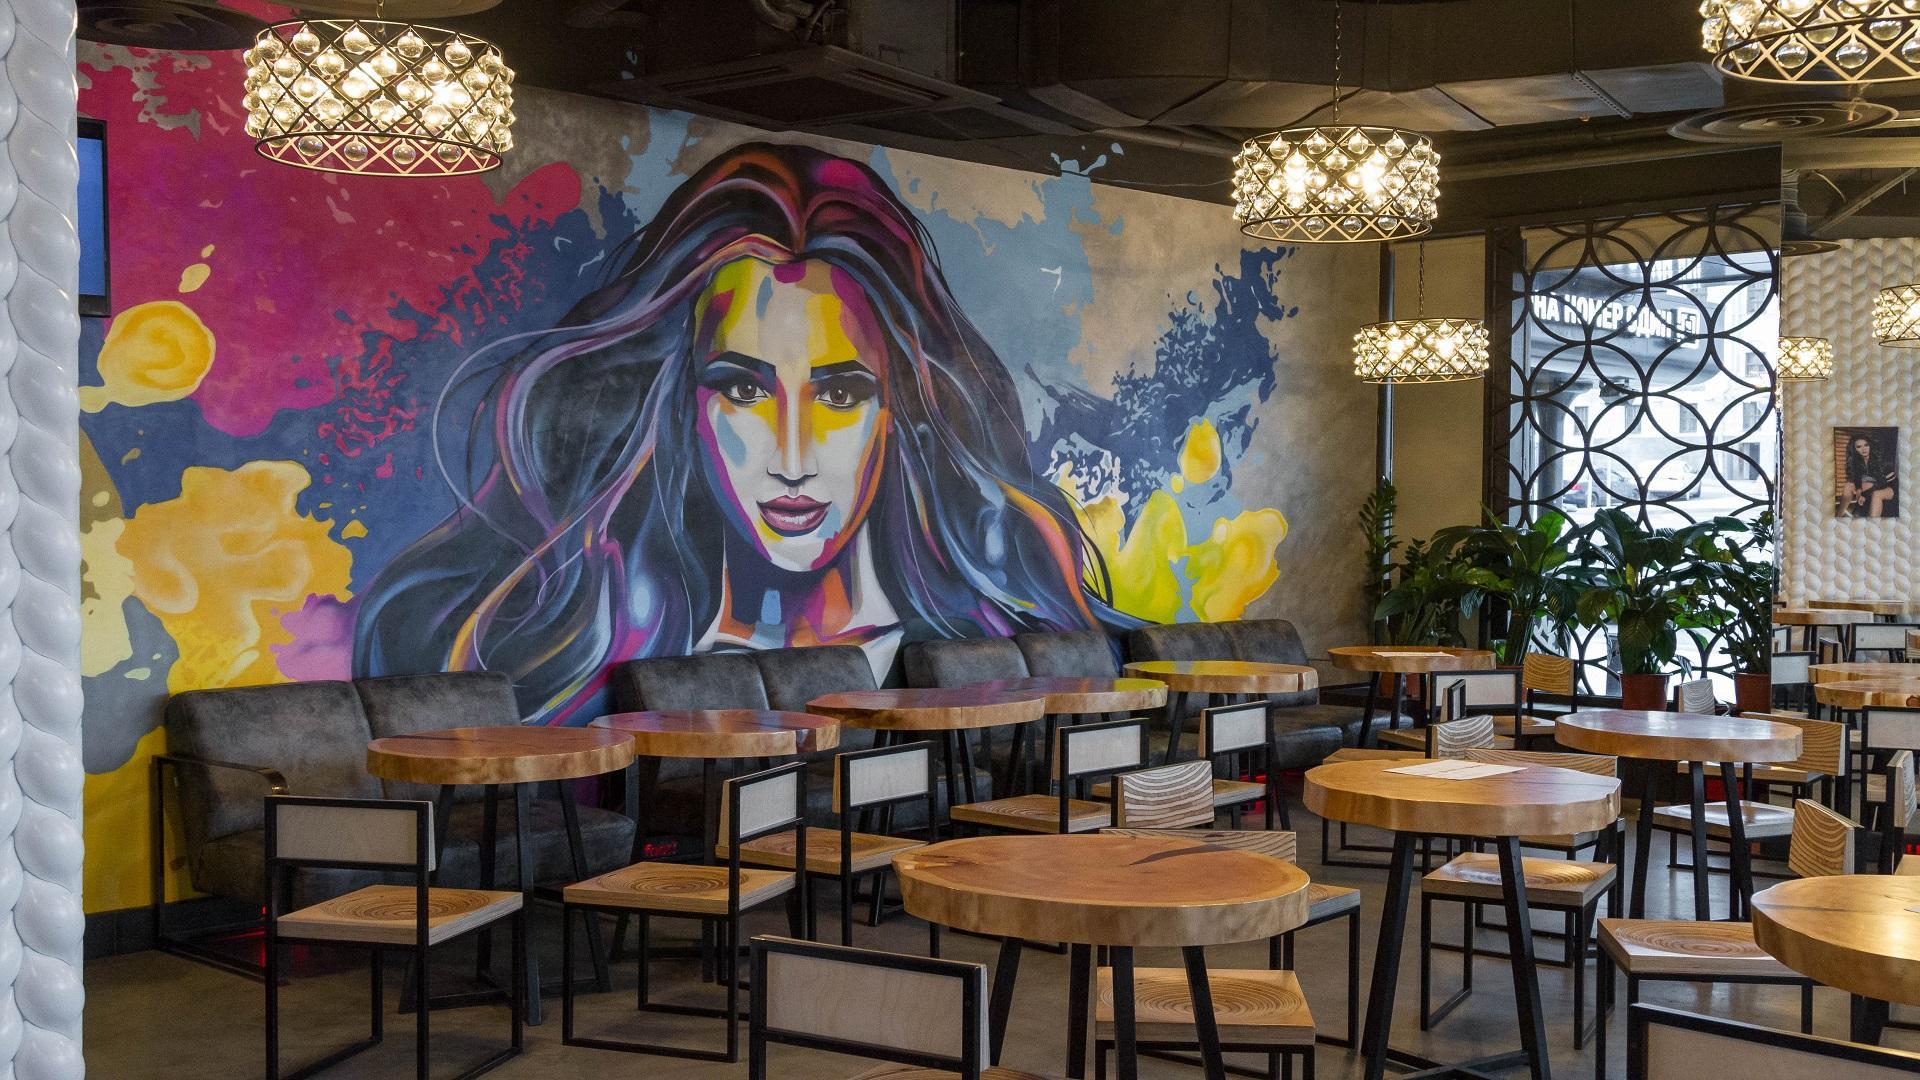 Рестораны Ольги Бузовой закрыла налоговая инспекция